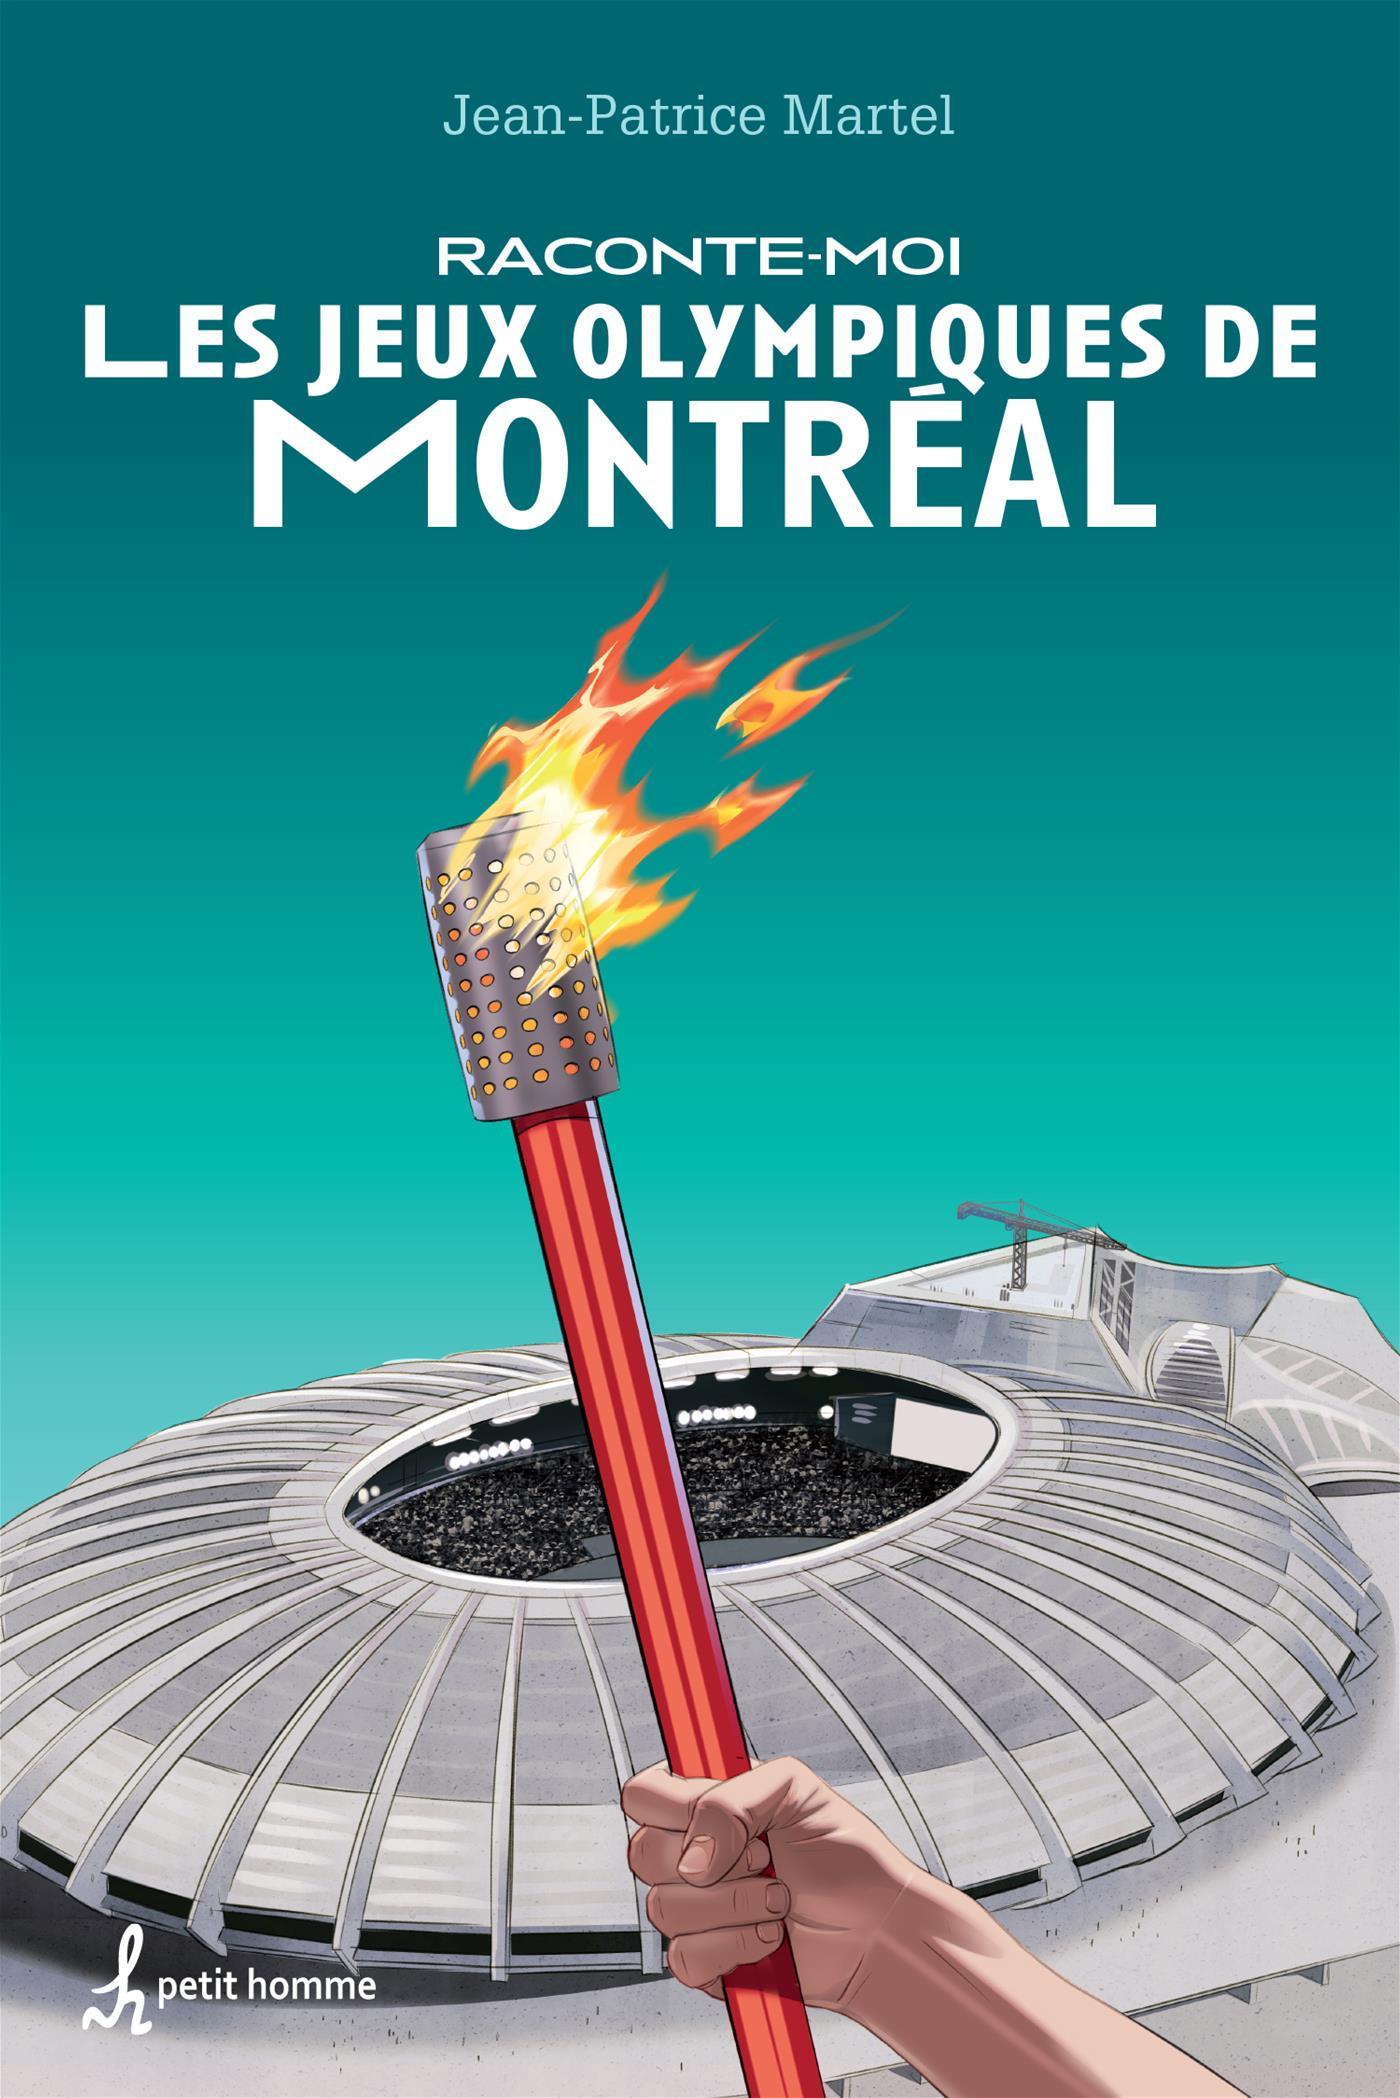 Raconte-moi les jeux olympiques de Montréal | Jean-Patrice Martel